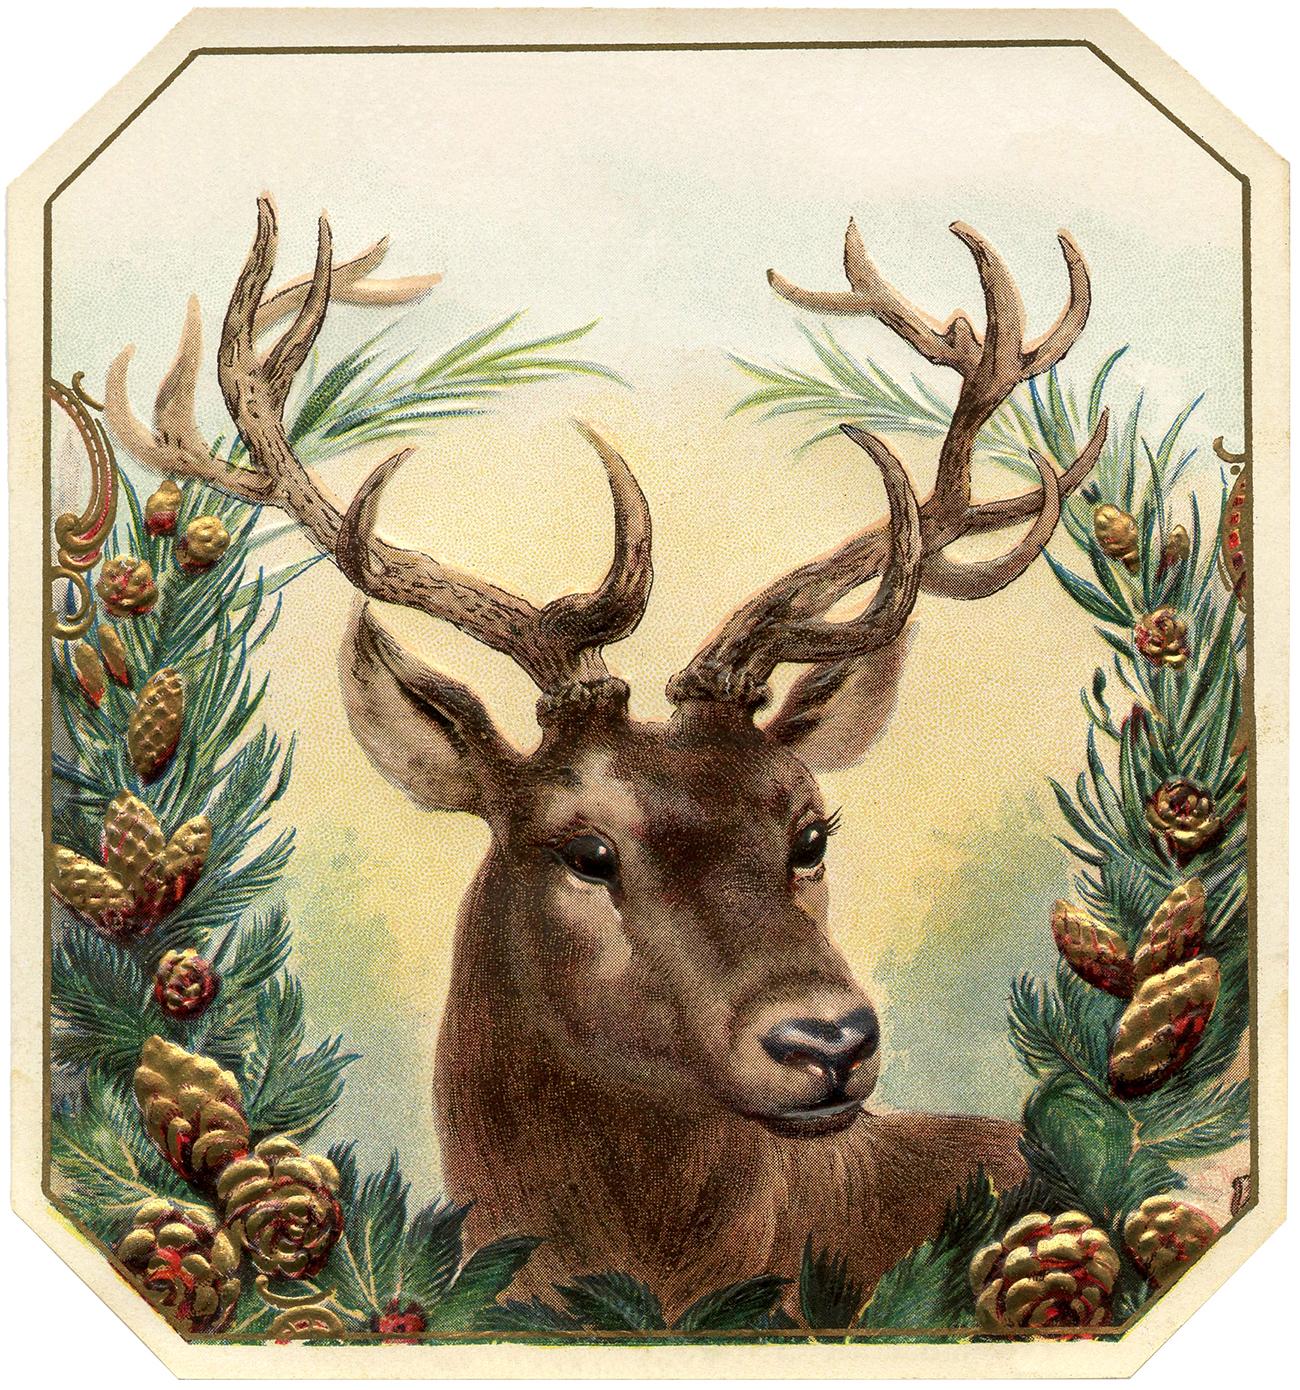 Vintage Christmas Graphics